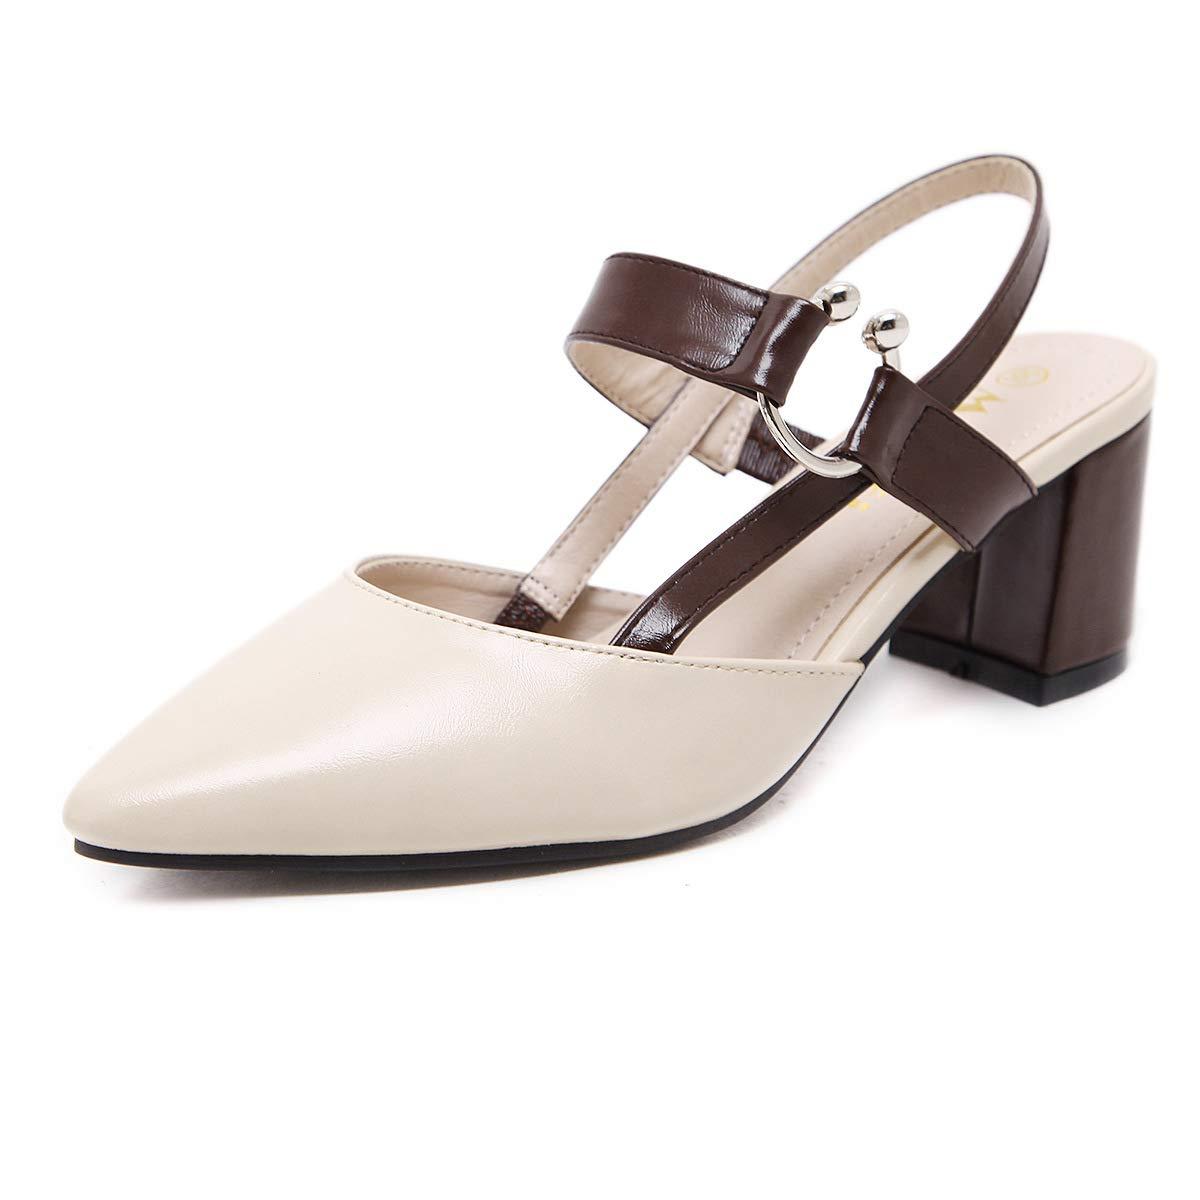 HRCxue Pumps Damenschuhe mit hohen Absätzen, Rückensandalen, Schnalle, dick dick dick mit Spitzen Schuhen, Damenschuhen, 35, Aprikose 94338b